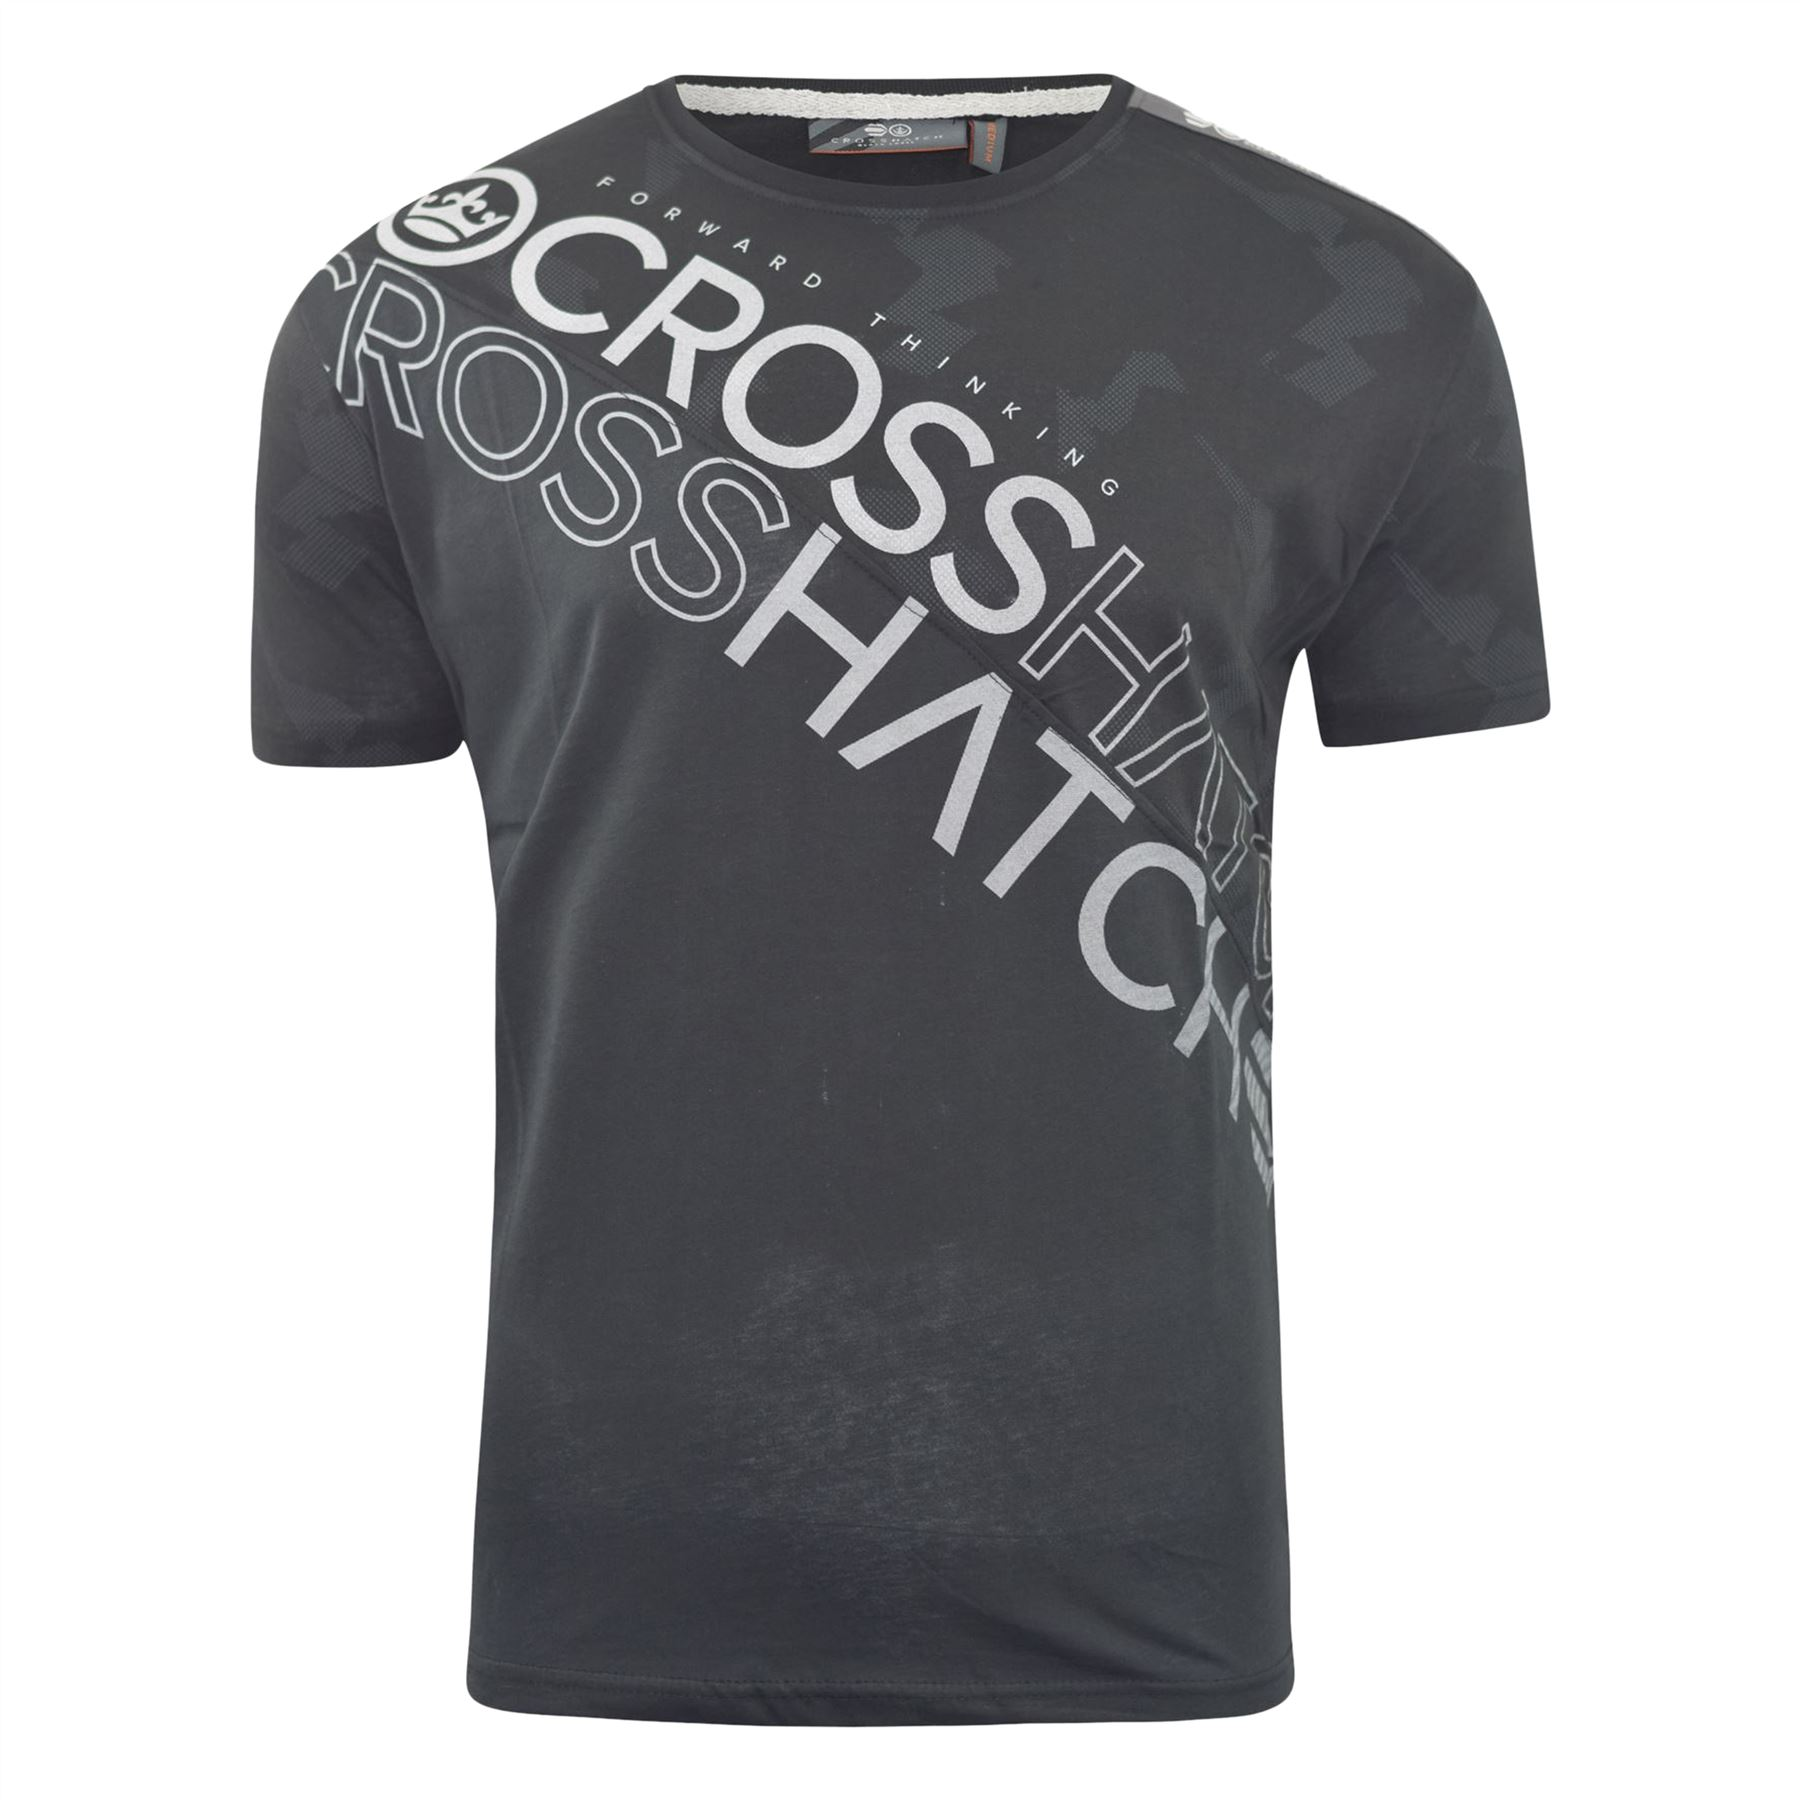 T-Shirt Homme CROSSHATCH Lot de 2 Tee Top